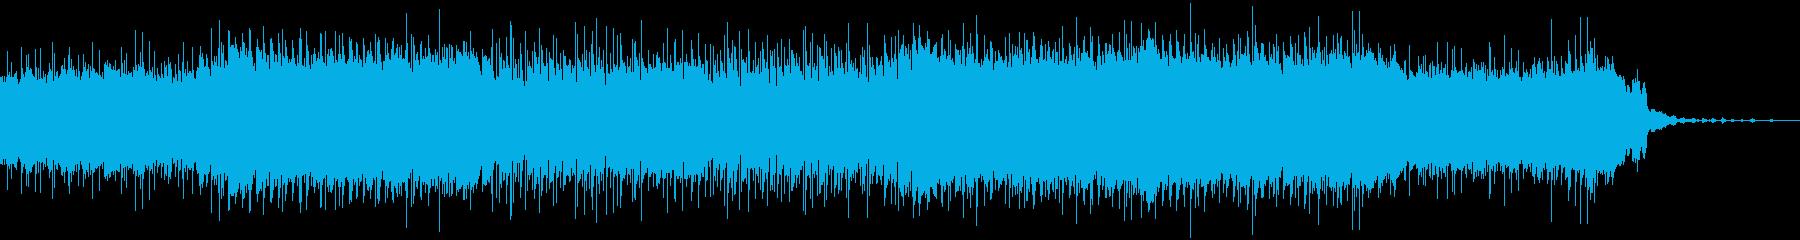 生演奏・エレキギター・ブルース・コミカルの再生済みの波形